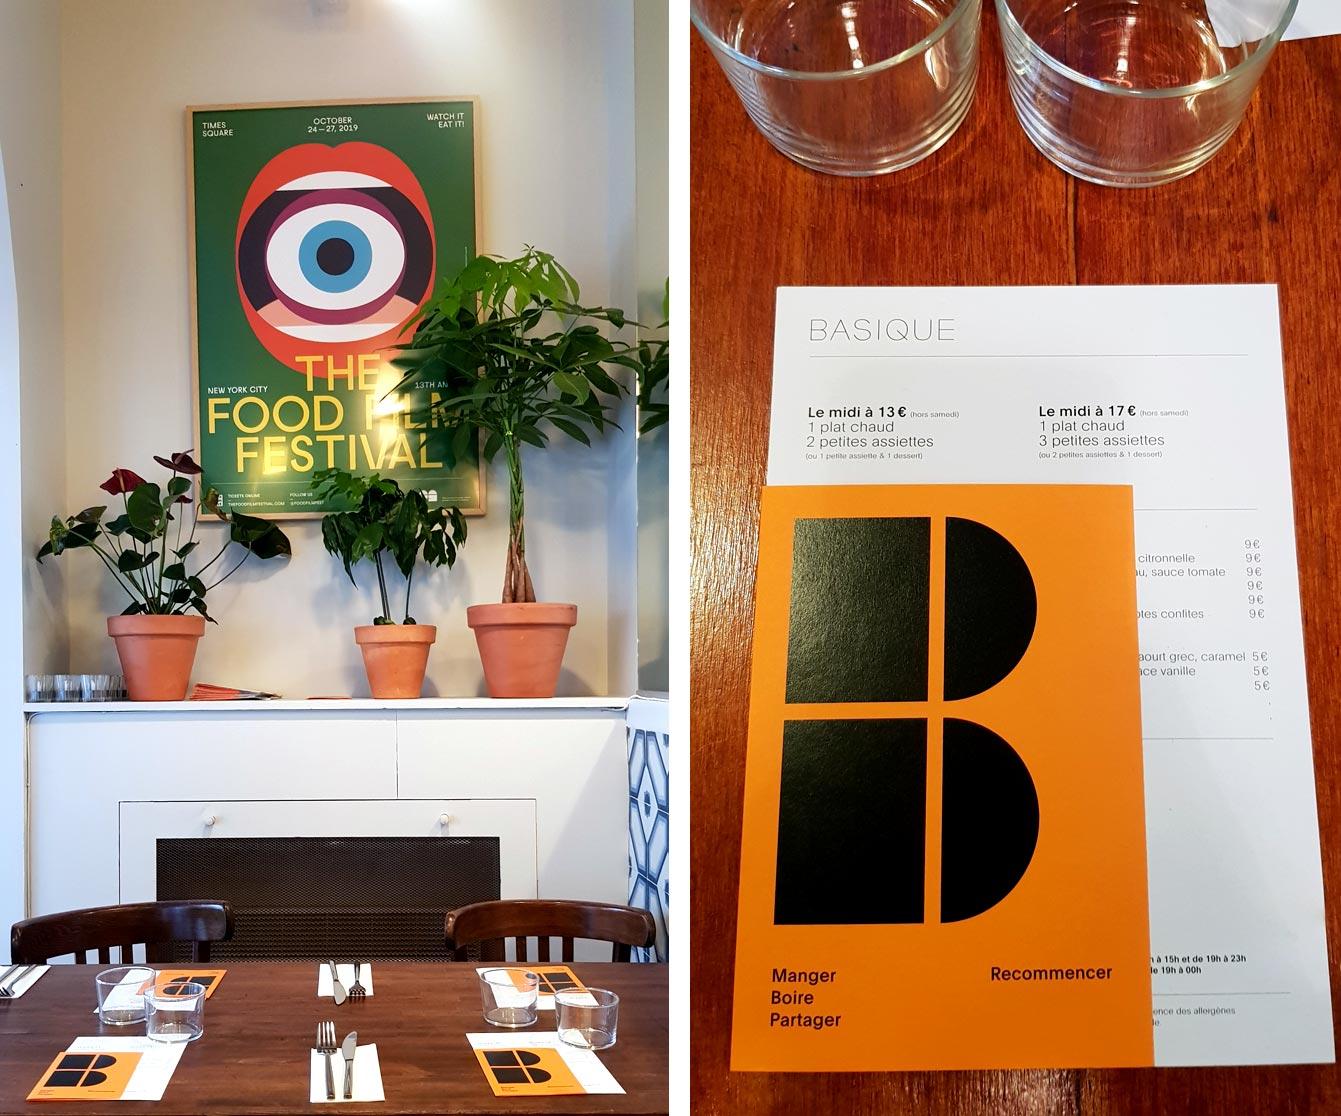 Restaurant Basique